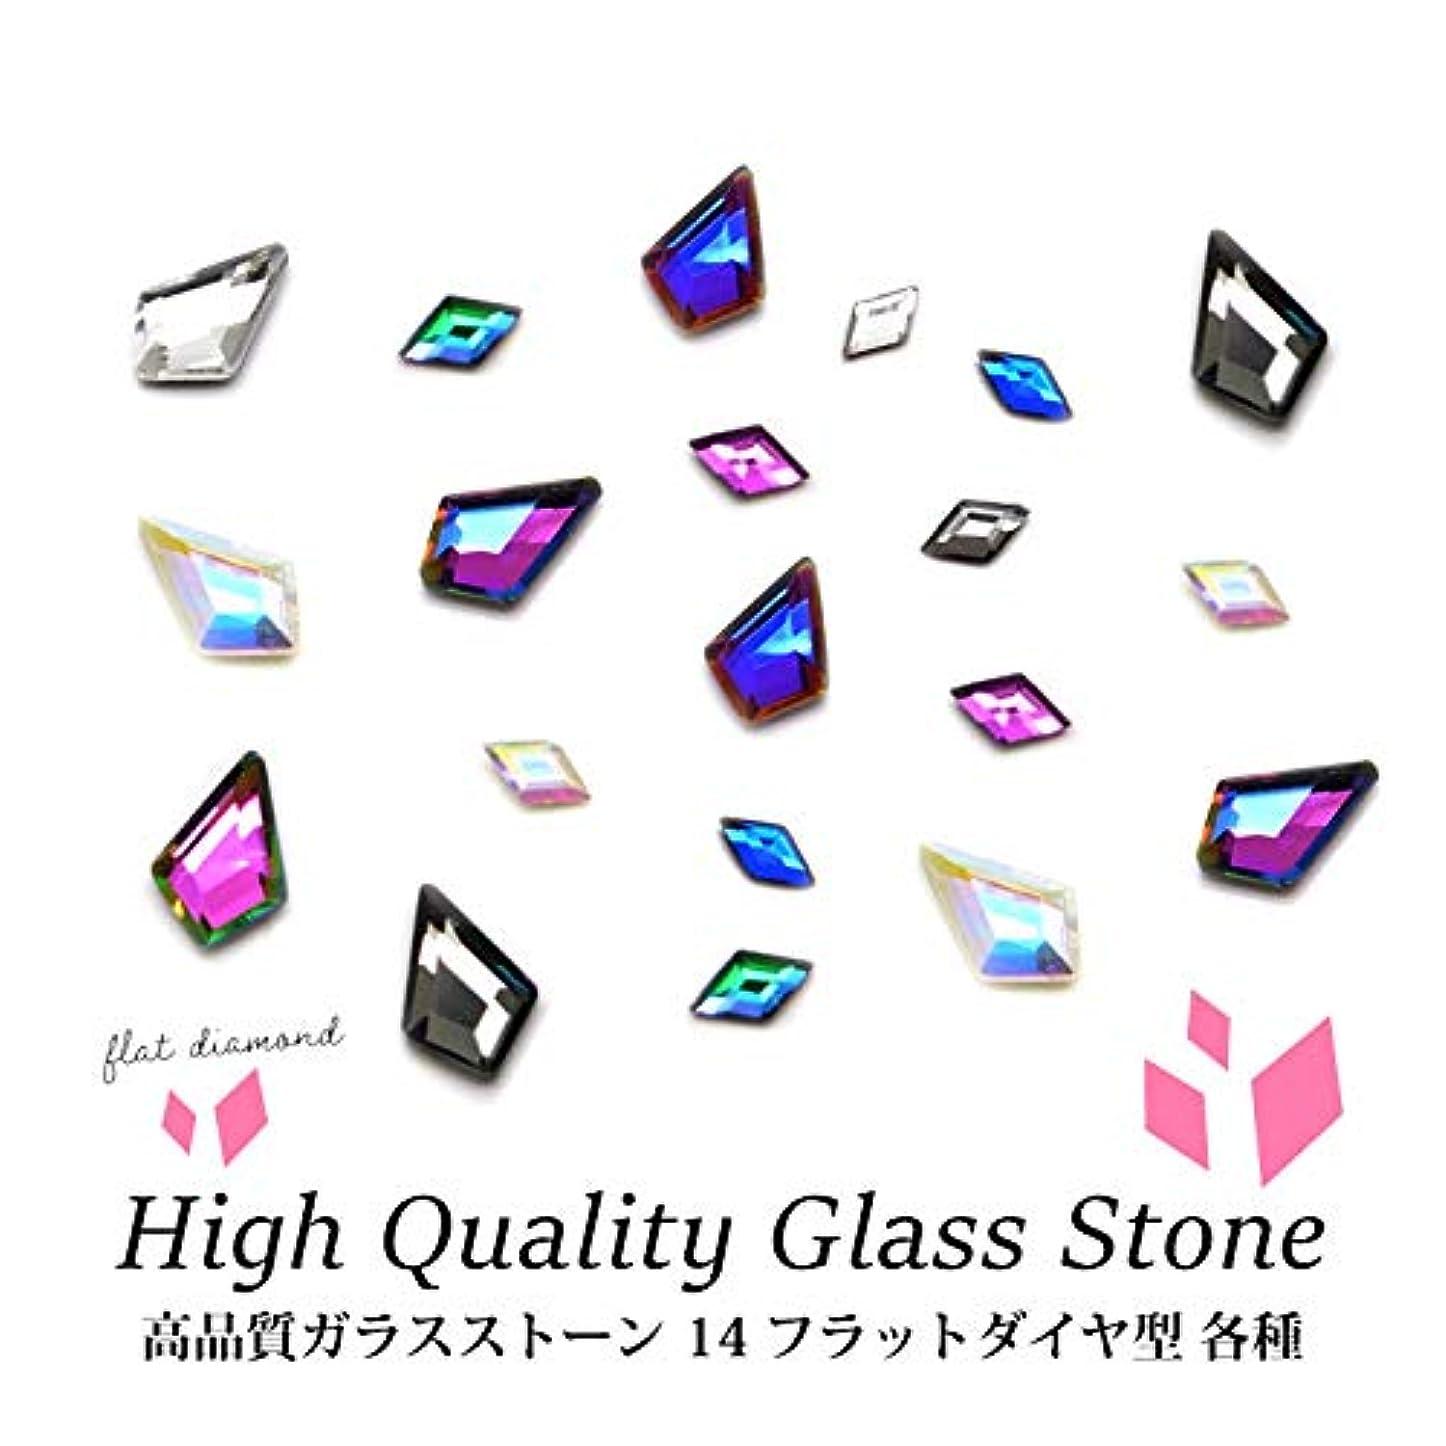 リマ集まる円形の高品質ガラスストーン 14 フラットダイヤ型 各種 10個入り (6.エメラルドシャイン)